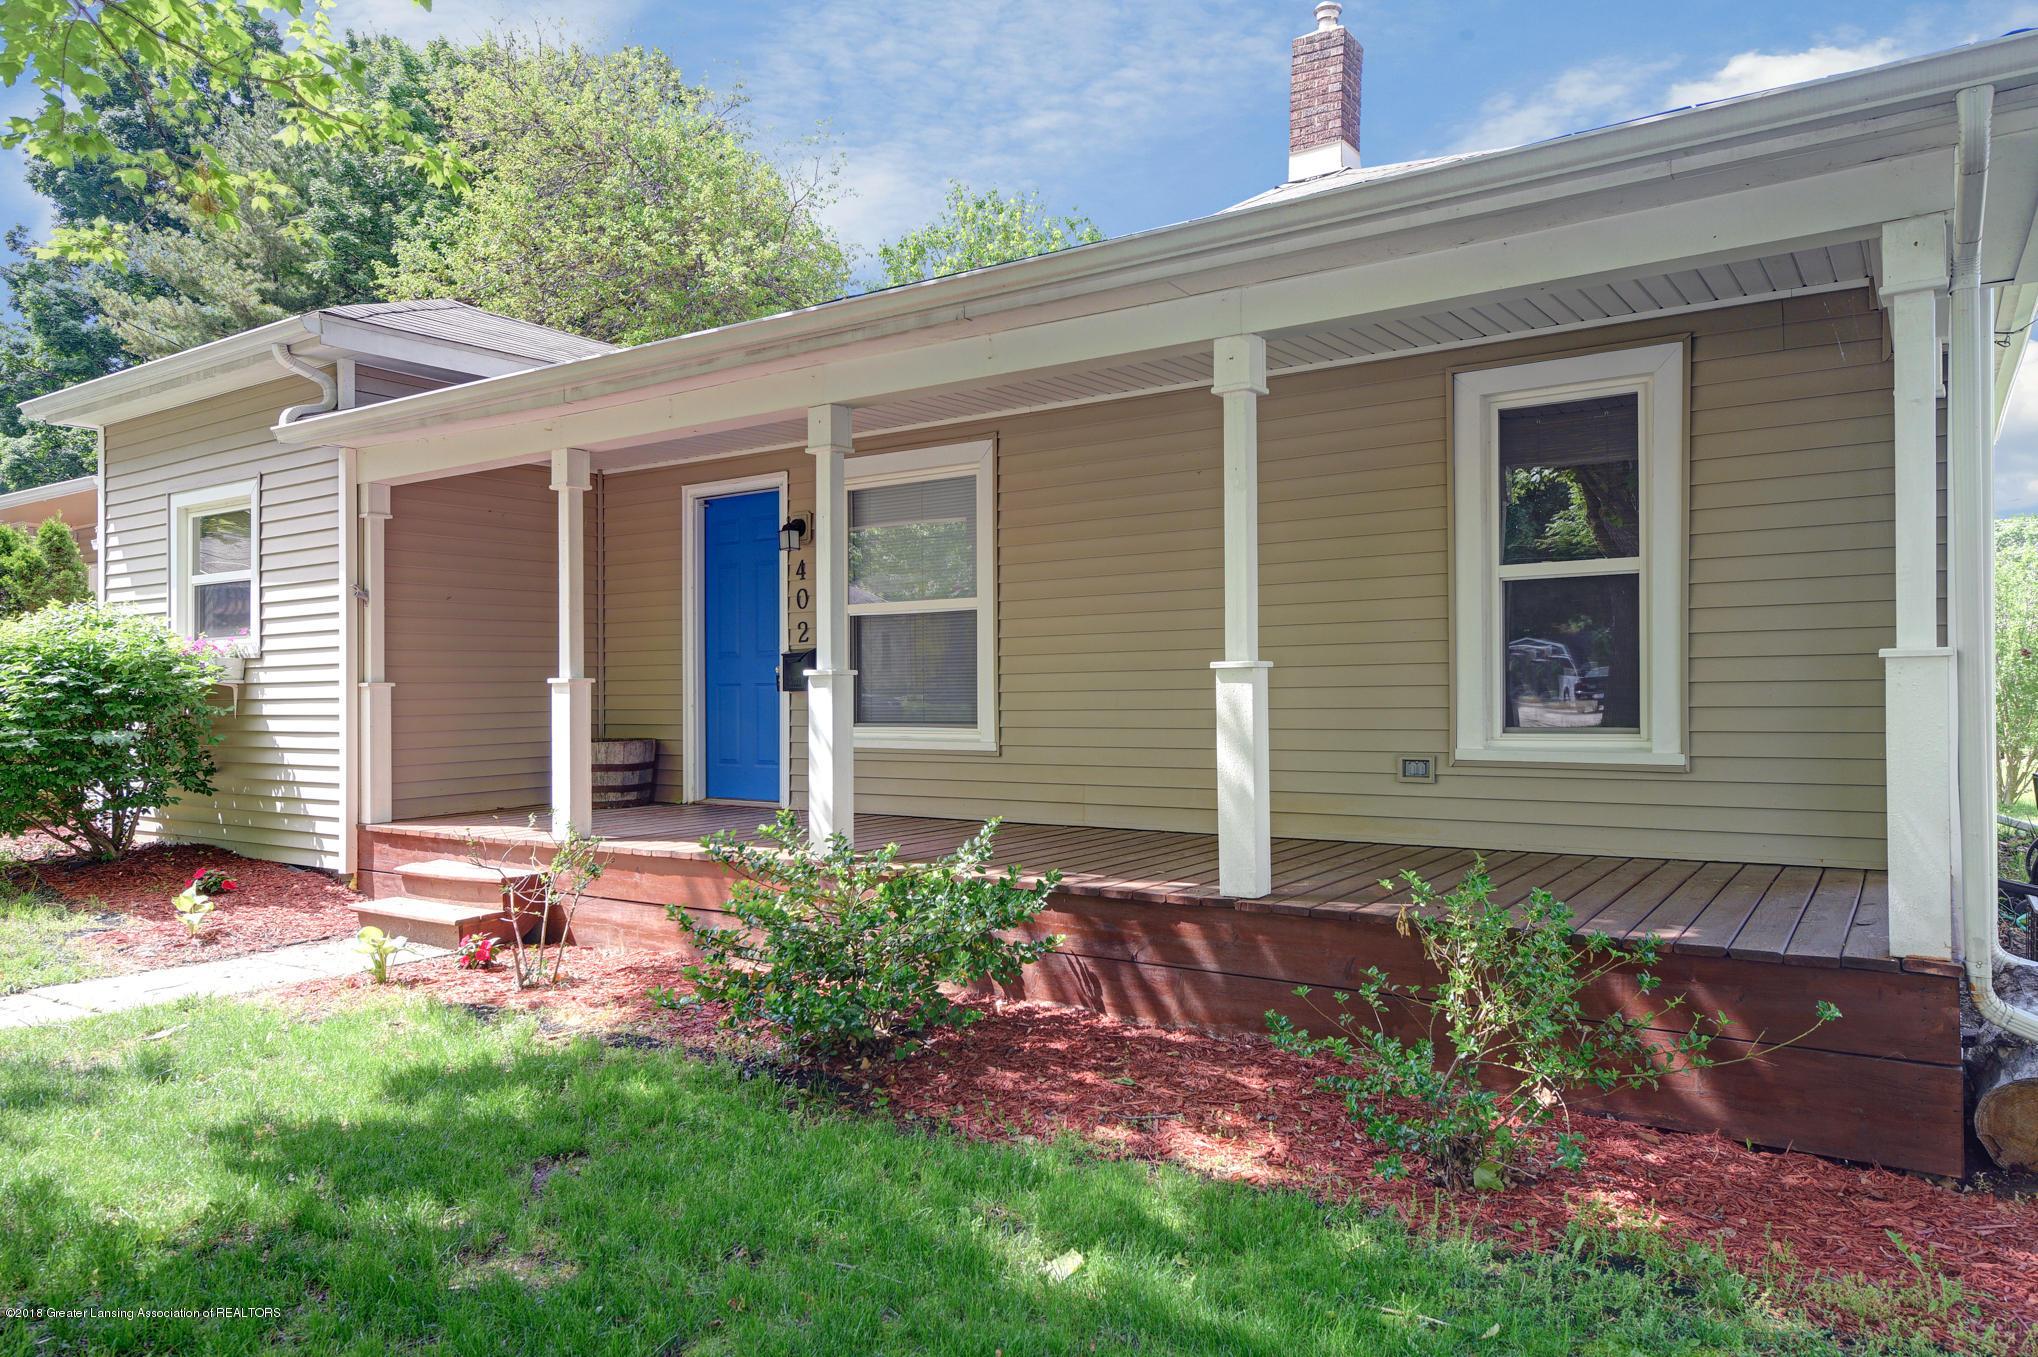 402 Jones St - Front Home - 1